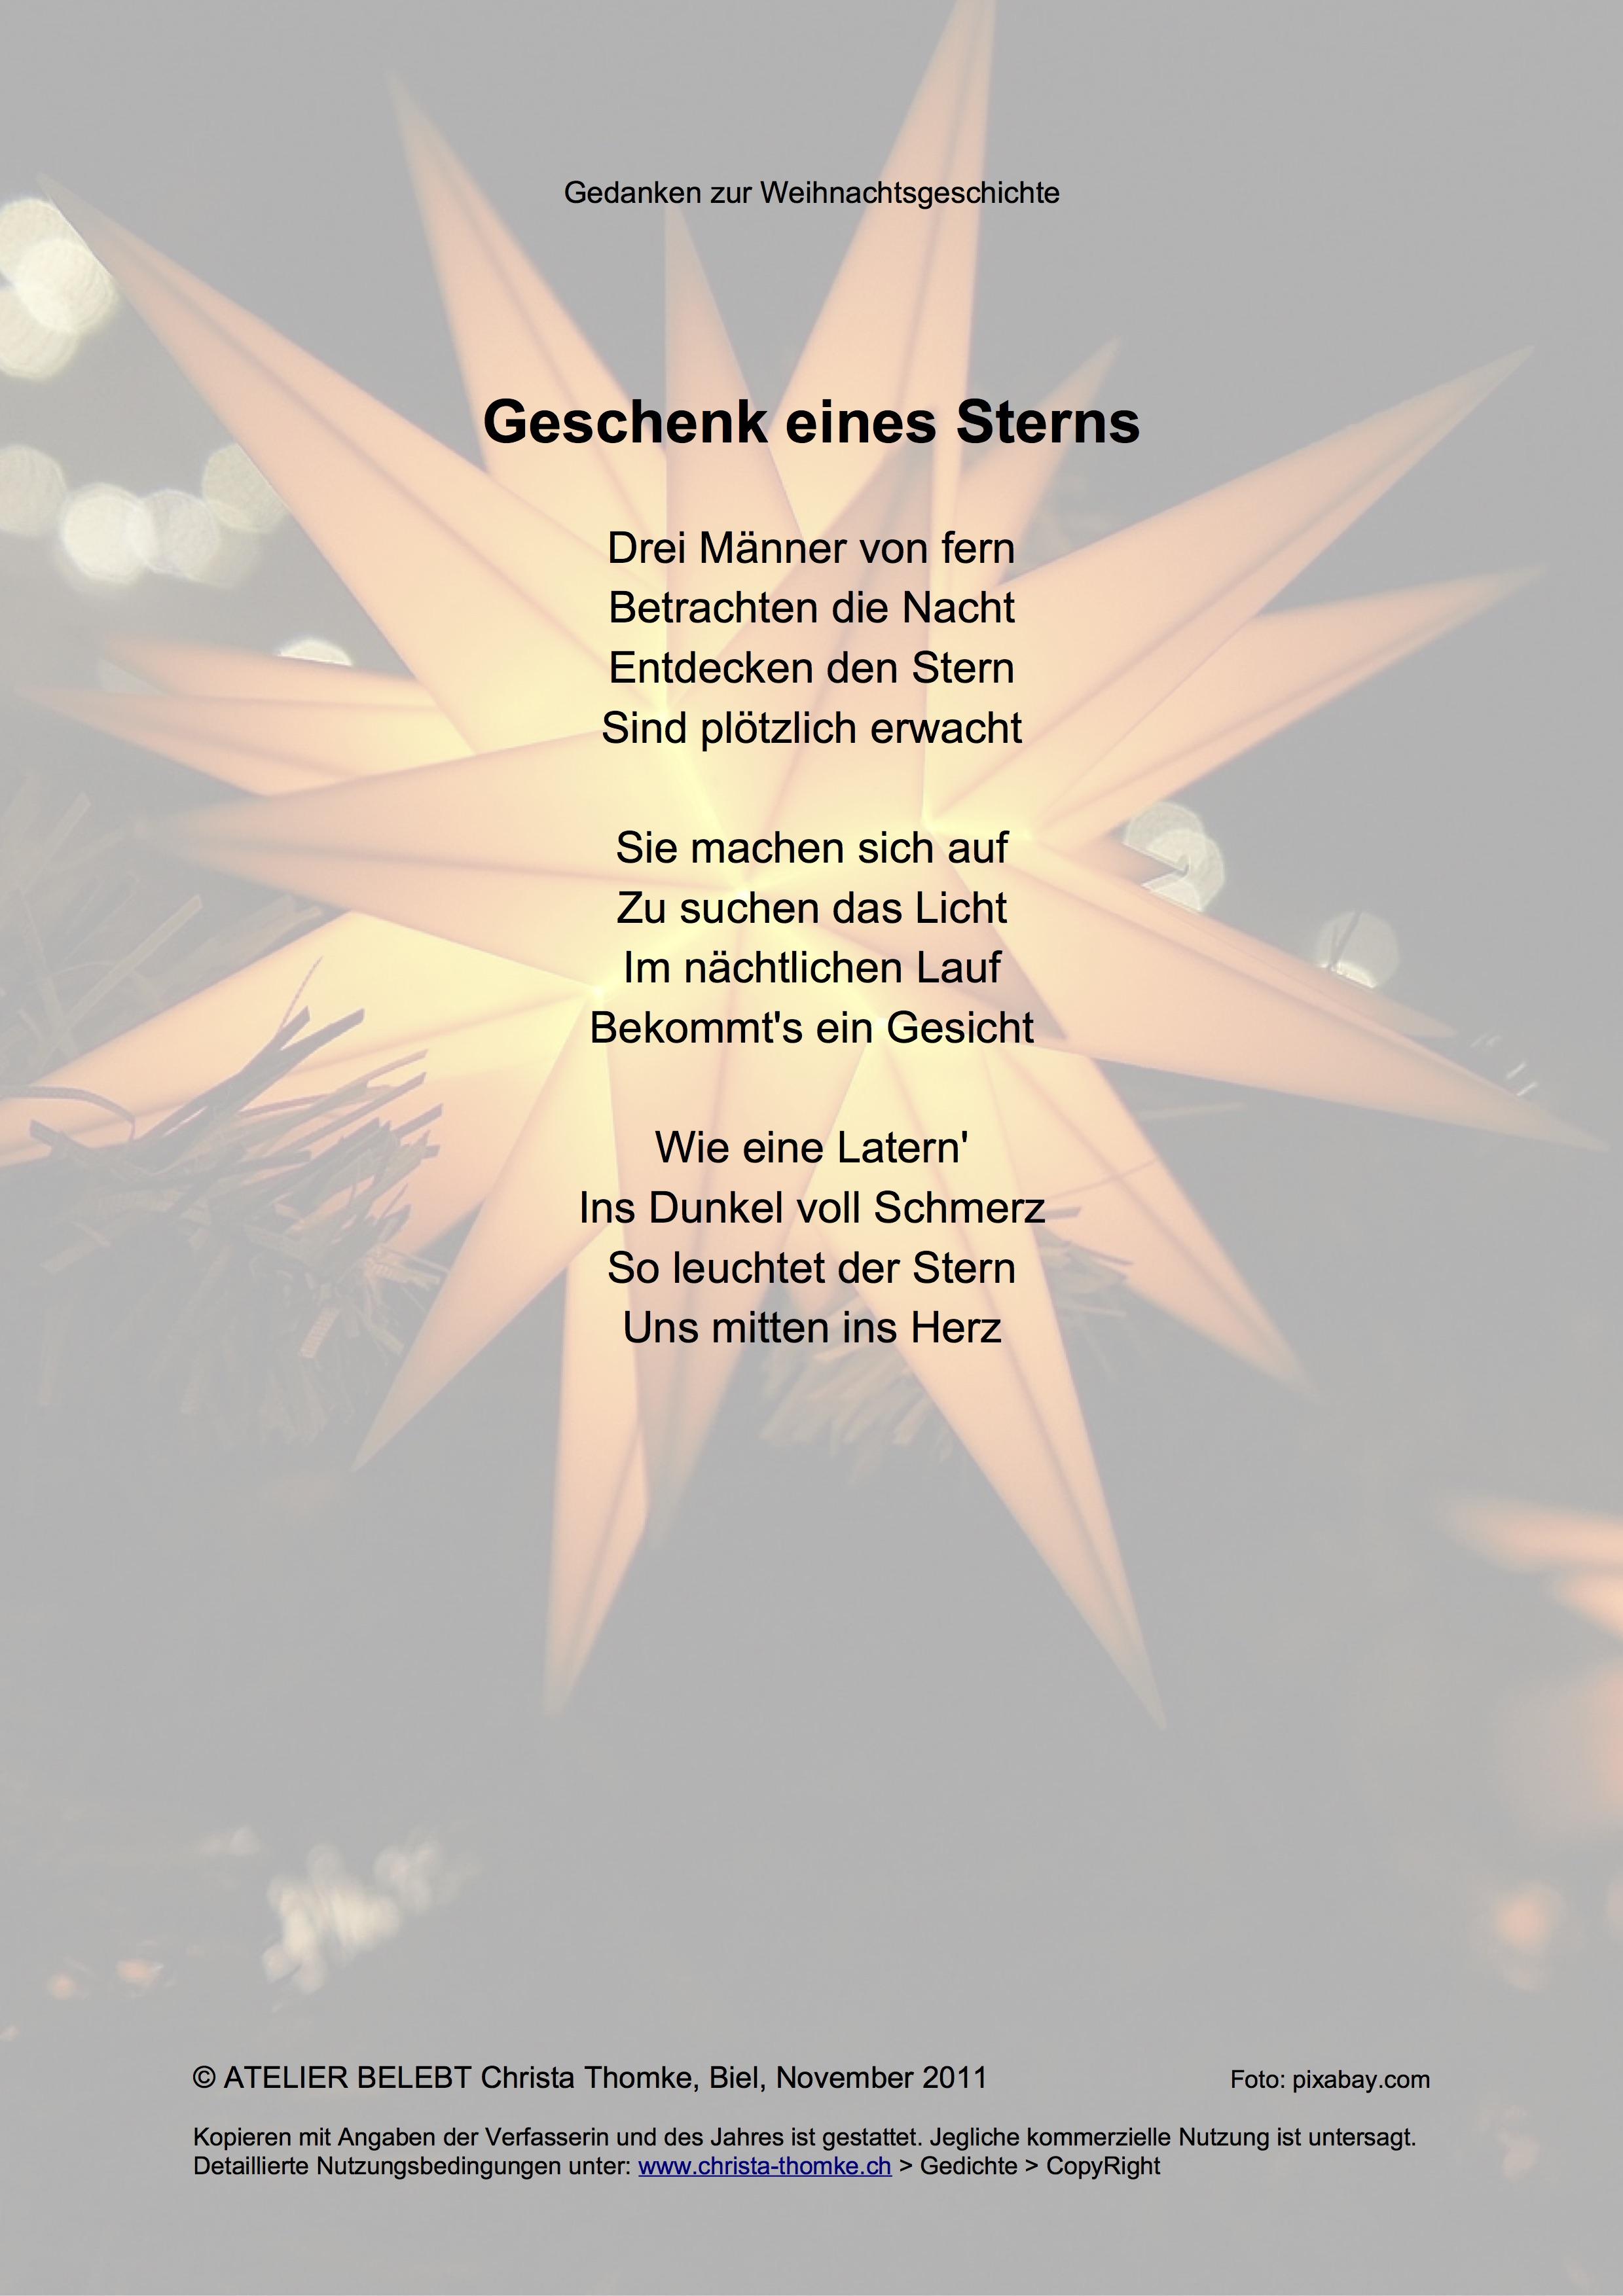 Geschenk eines Sterns / @ Christa Thomke